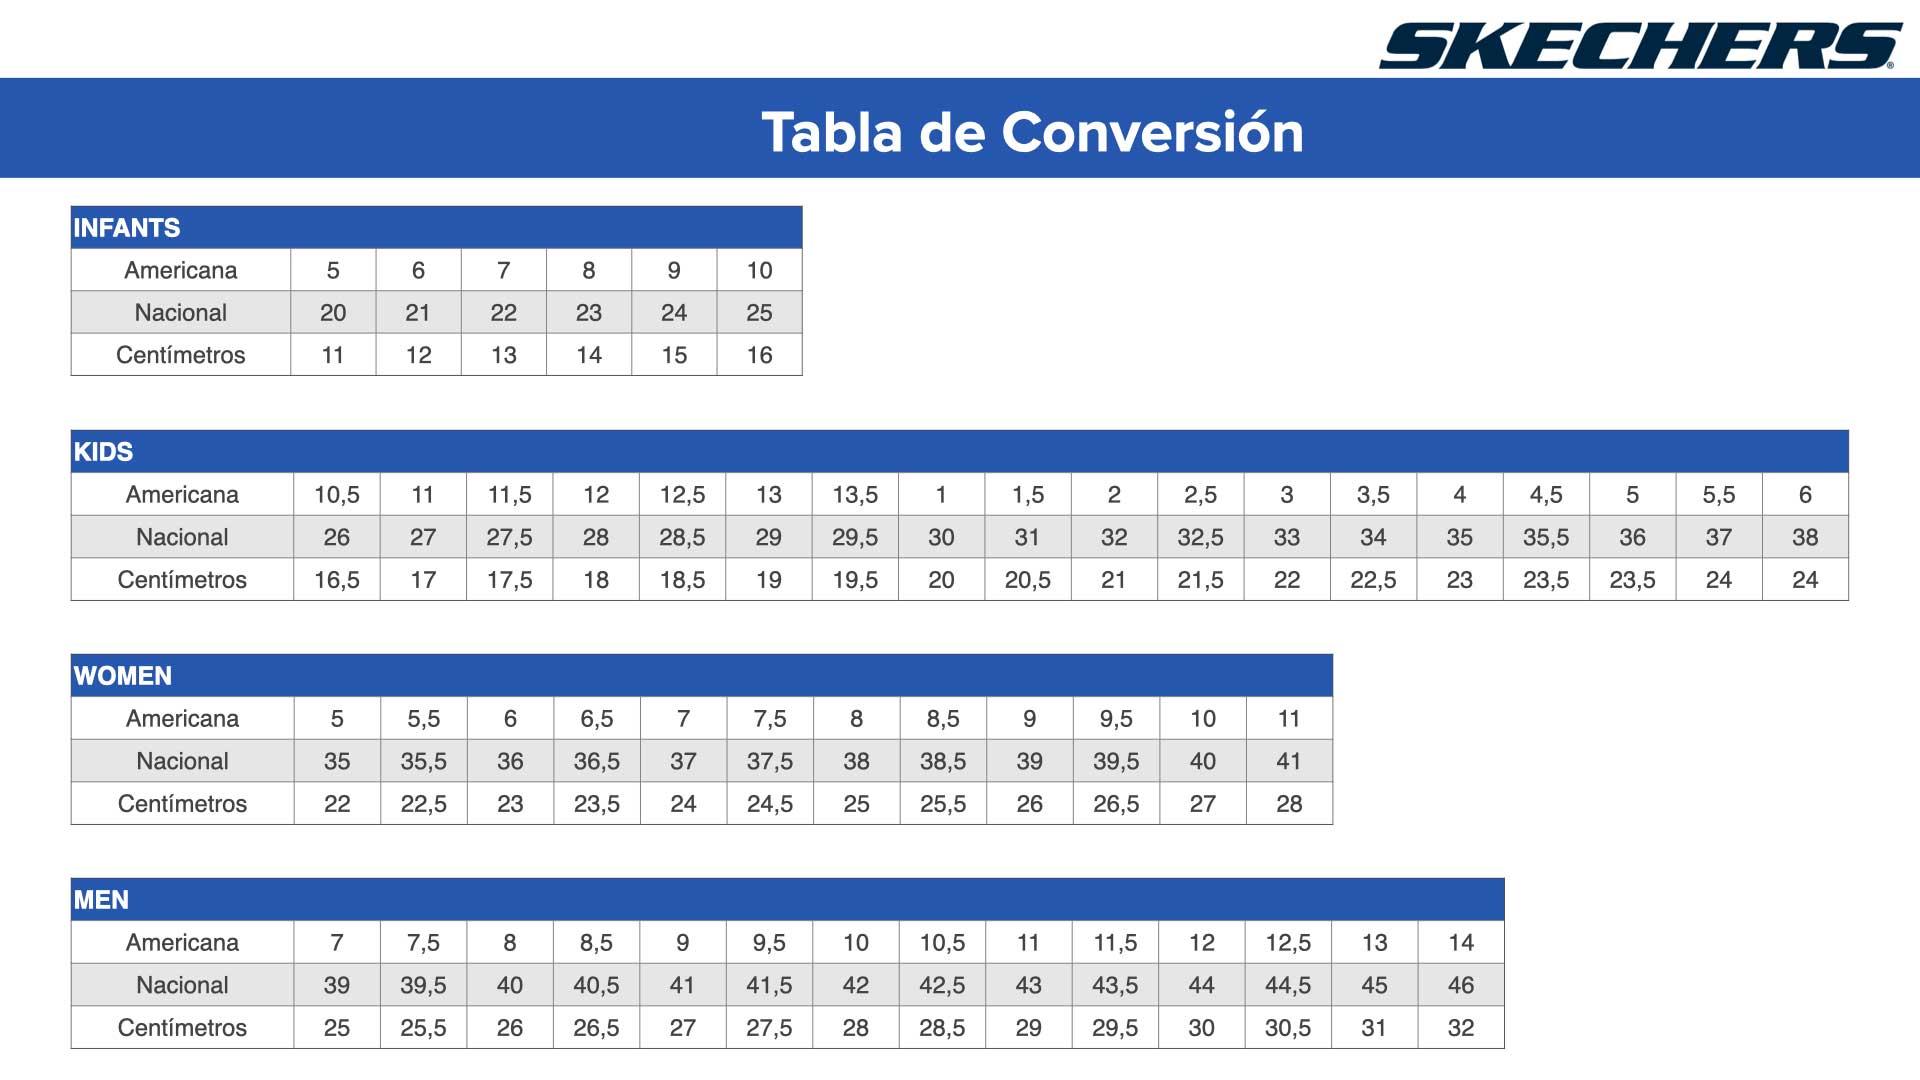 Suponer Vagabundo Tamano relativo  tabla de tallas de zapatos skechers off 52% - www.ncccc.gov.eg